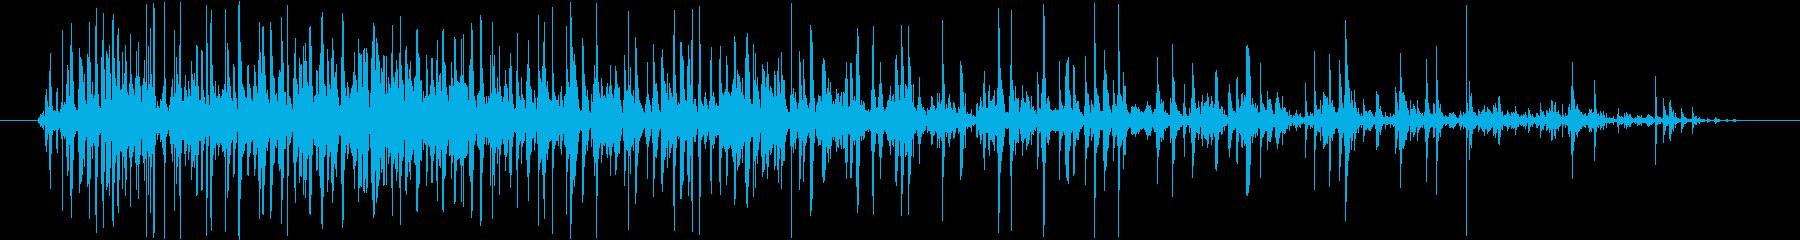 コポコポコポ…(飲み物を注ぐ音、長め)の再生済みの波形